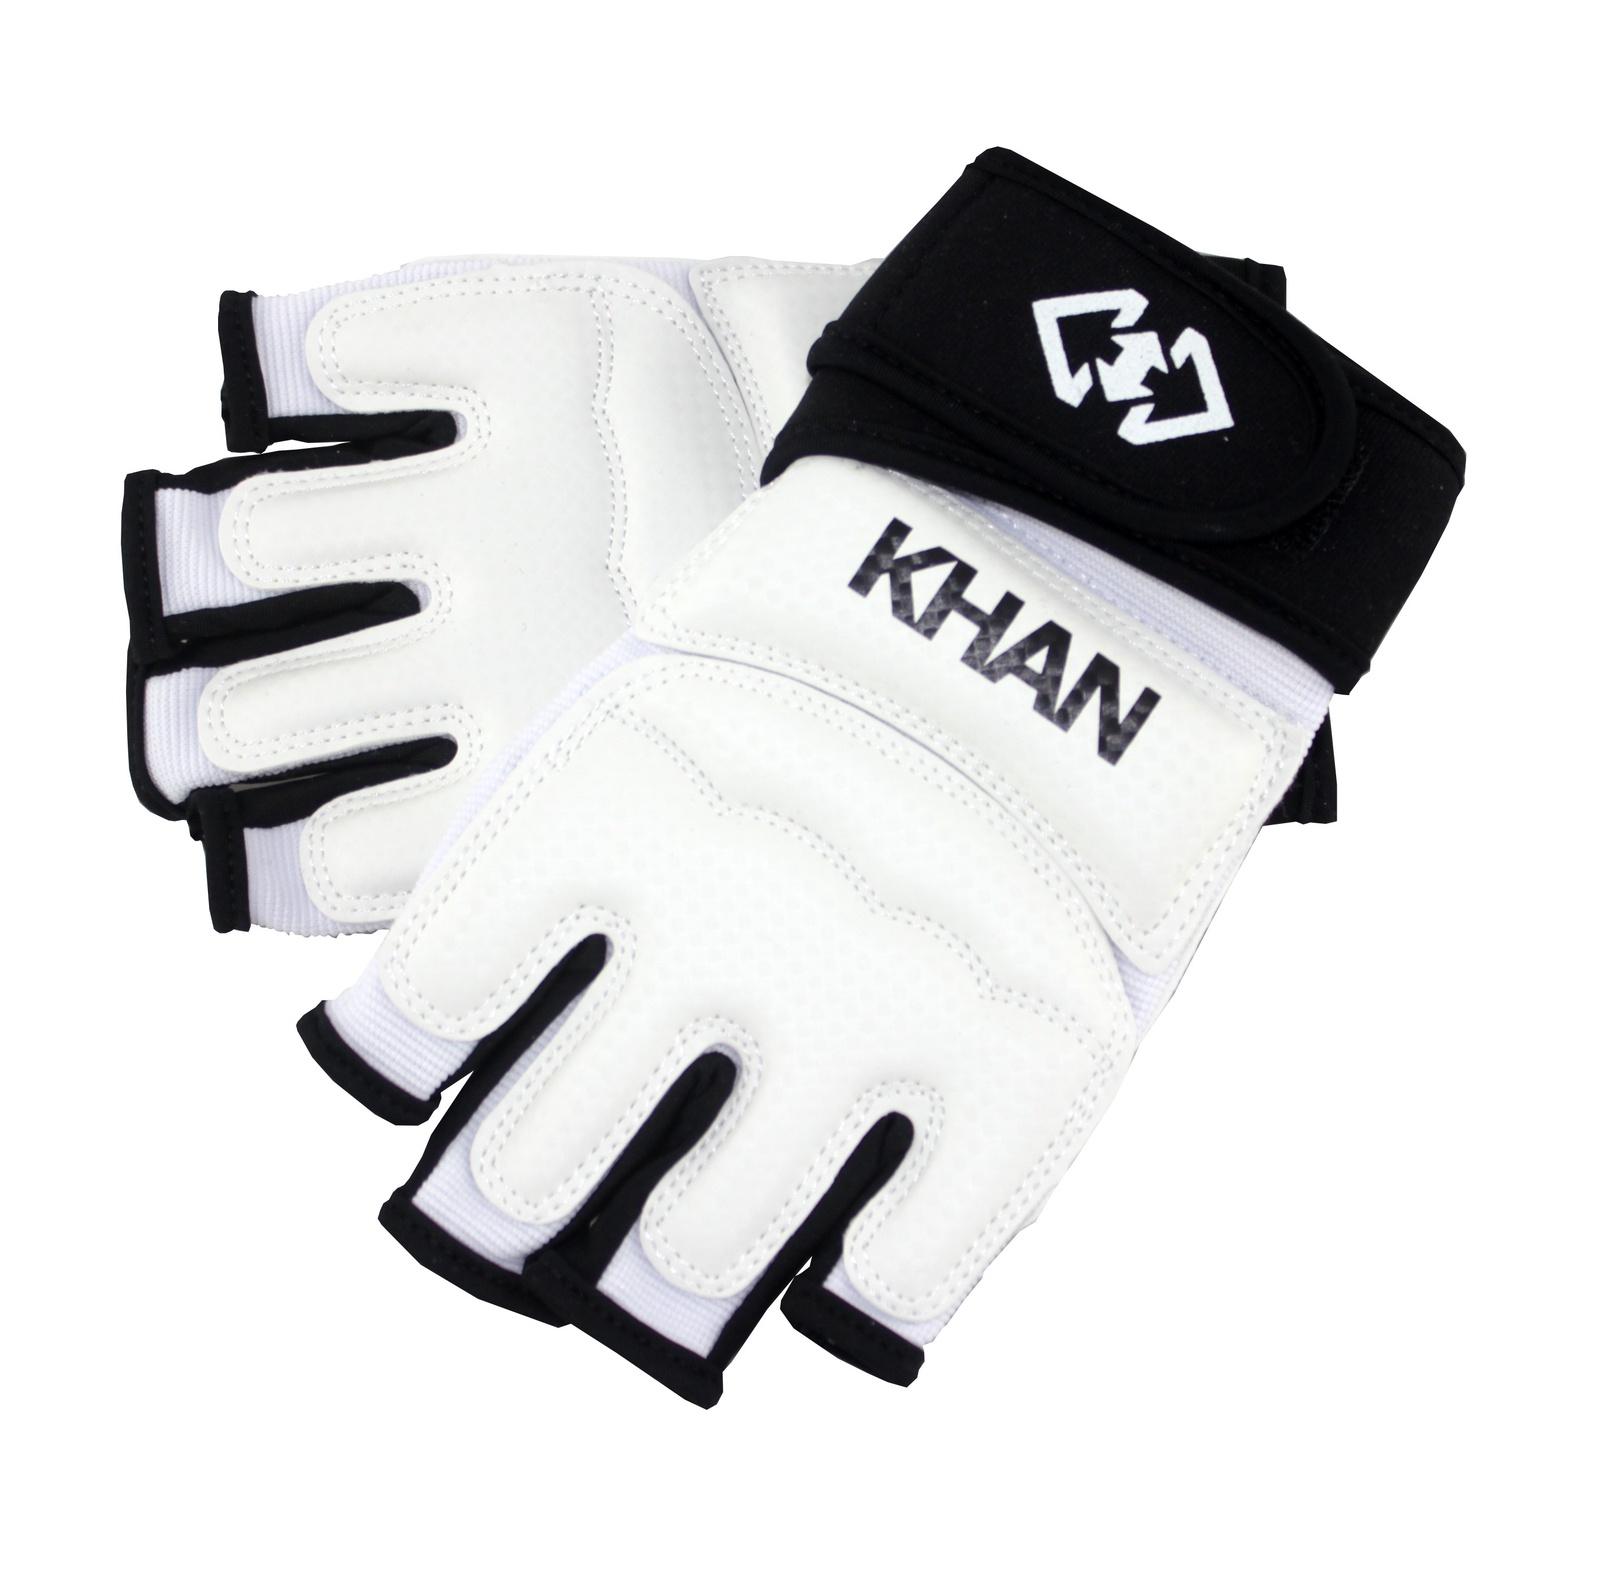 Защита кисти Khan WTF Club E12027_4, белый, размер L цена и фото